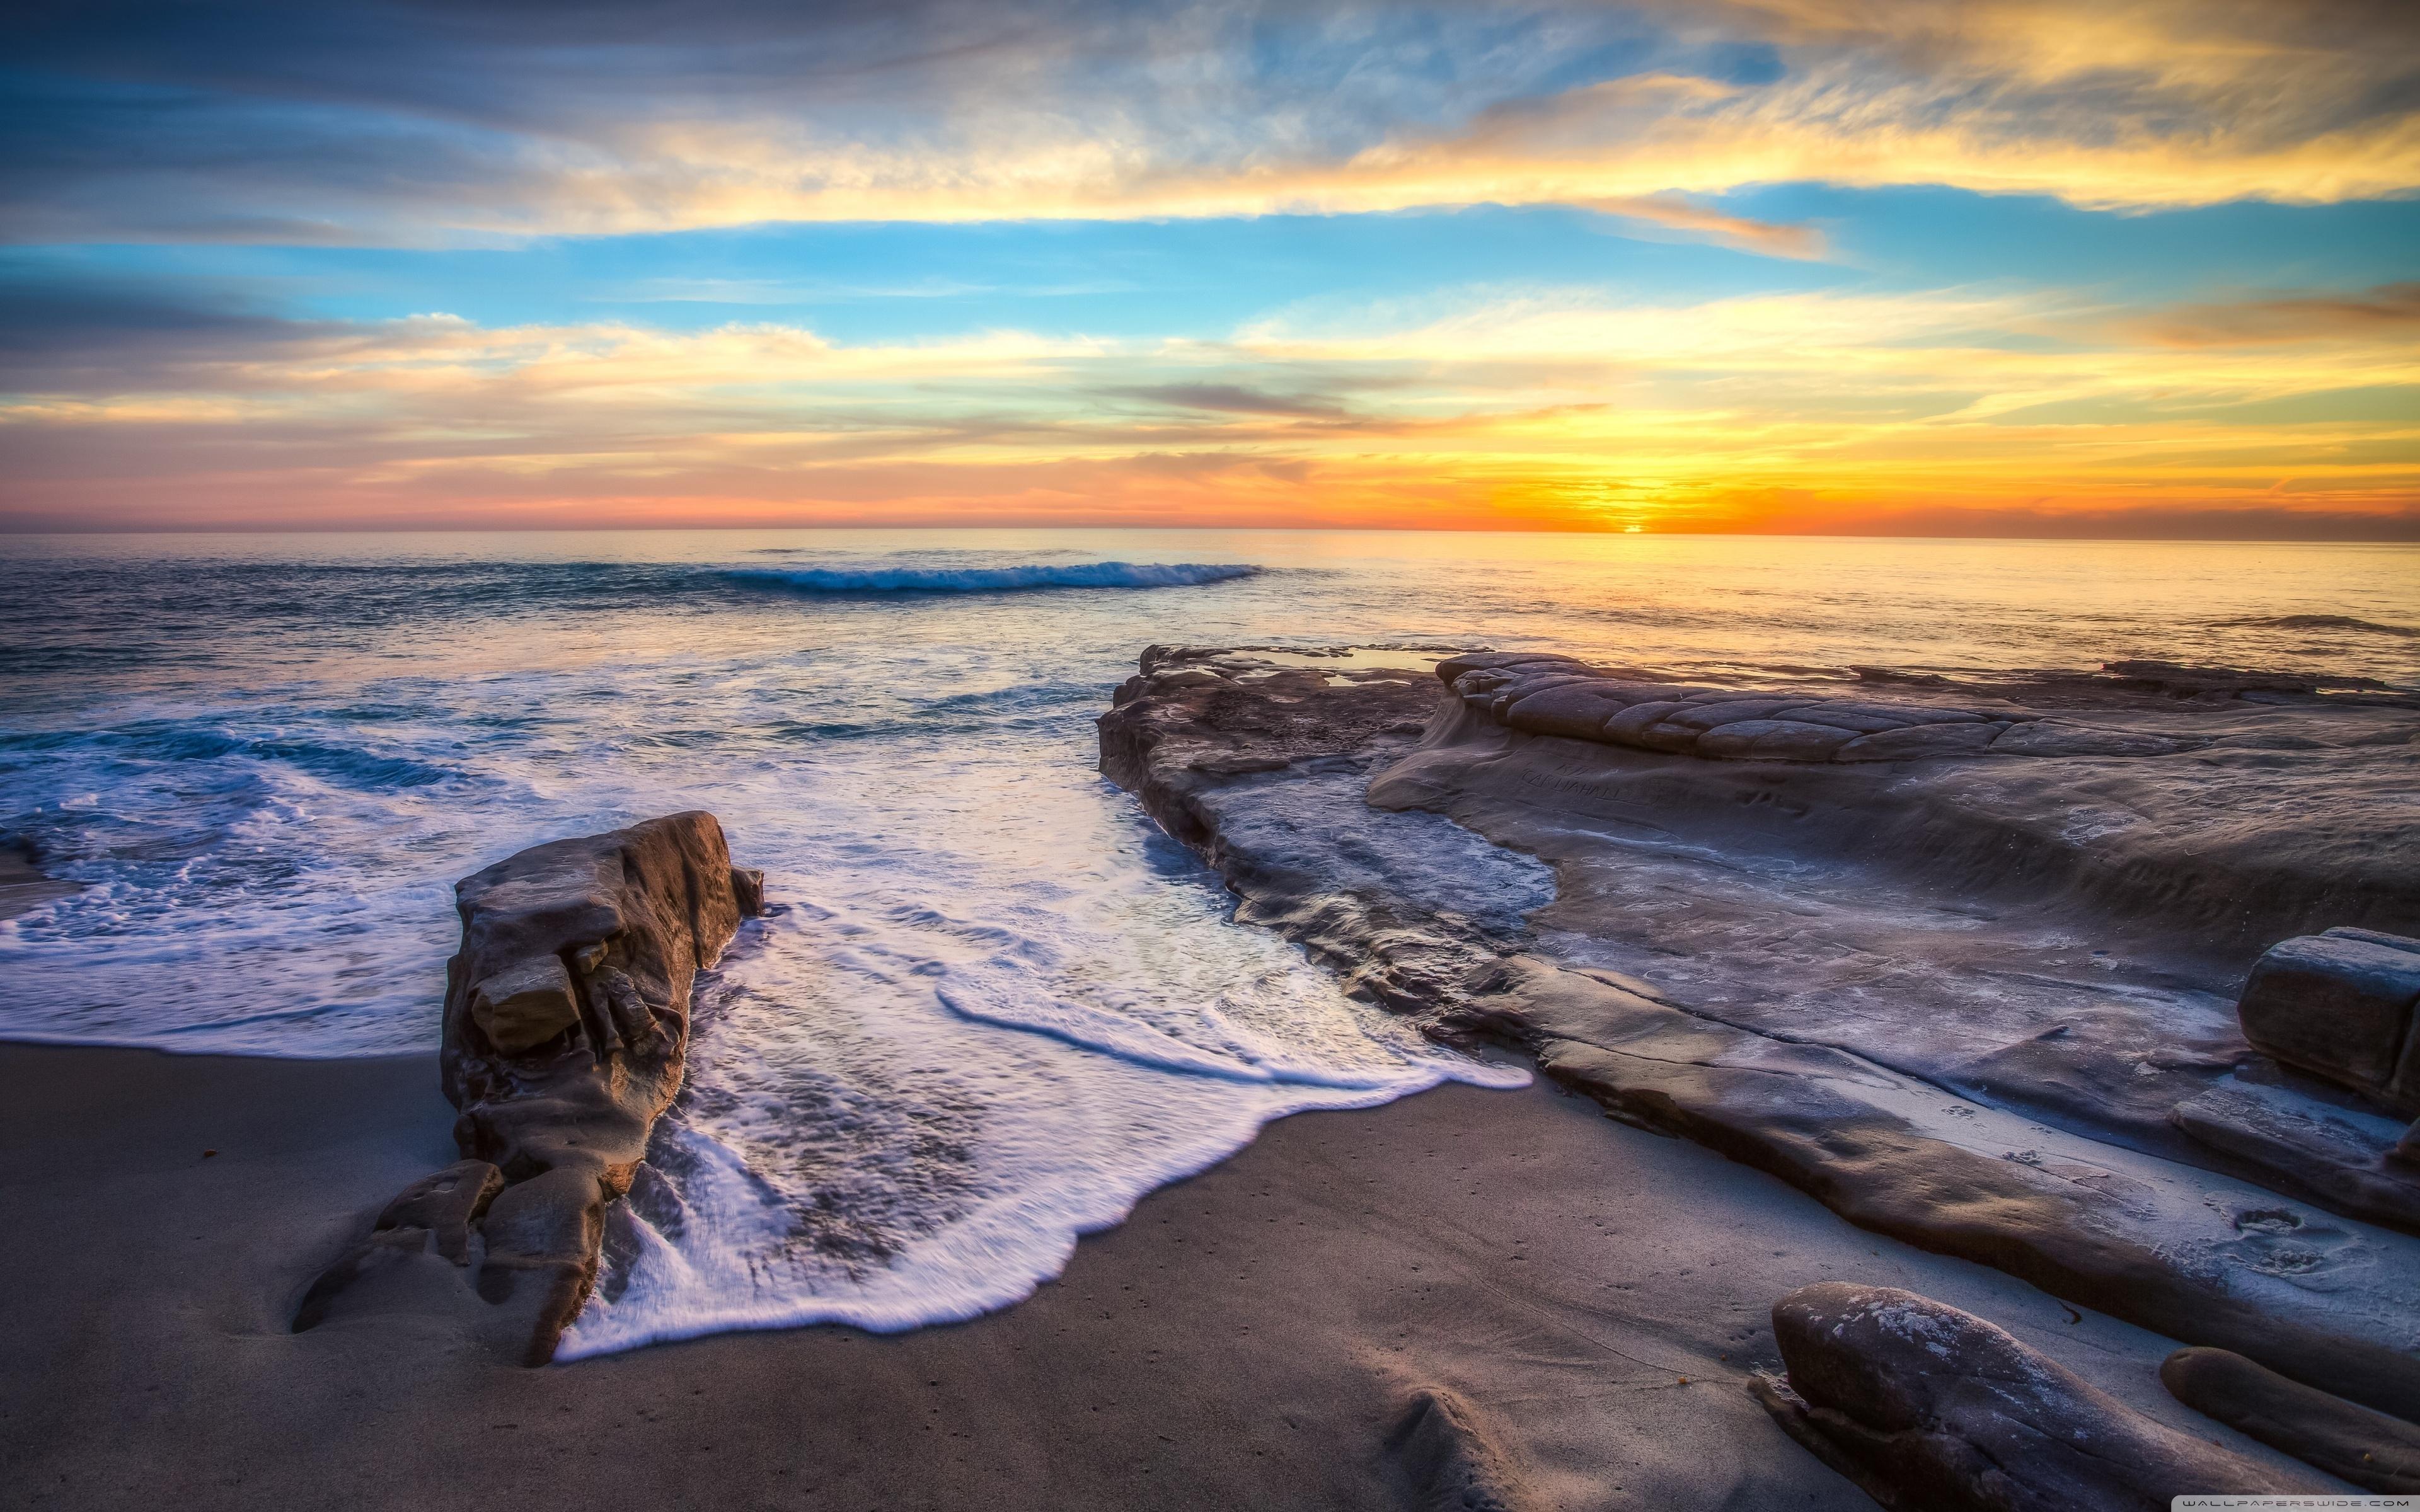 san diego beach beautiful ❤ 4k hd desktop wallpaper for 4k ultra hd